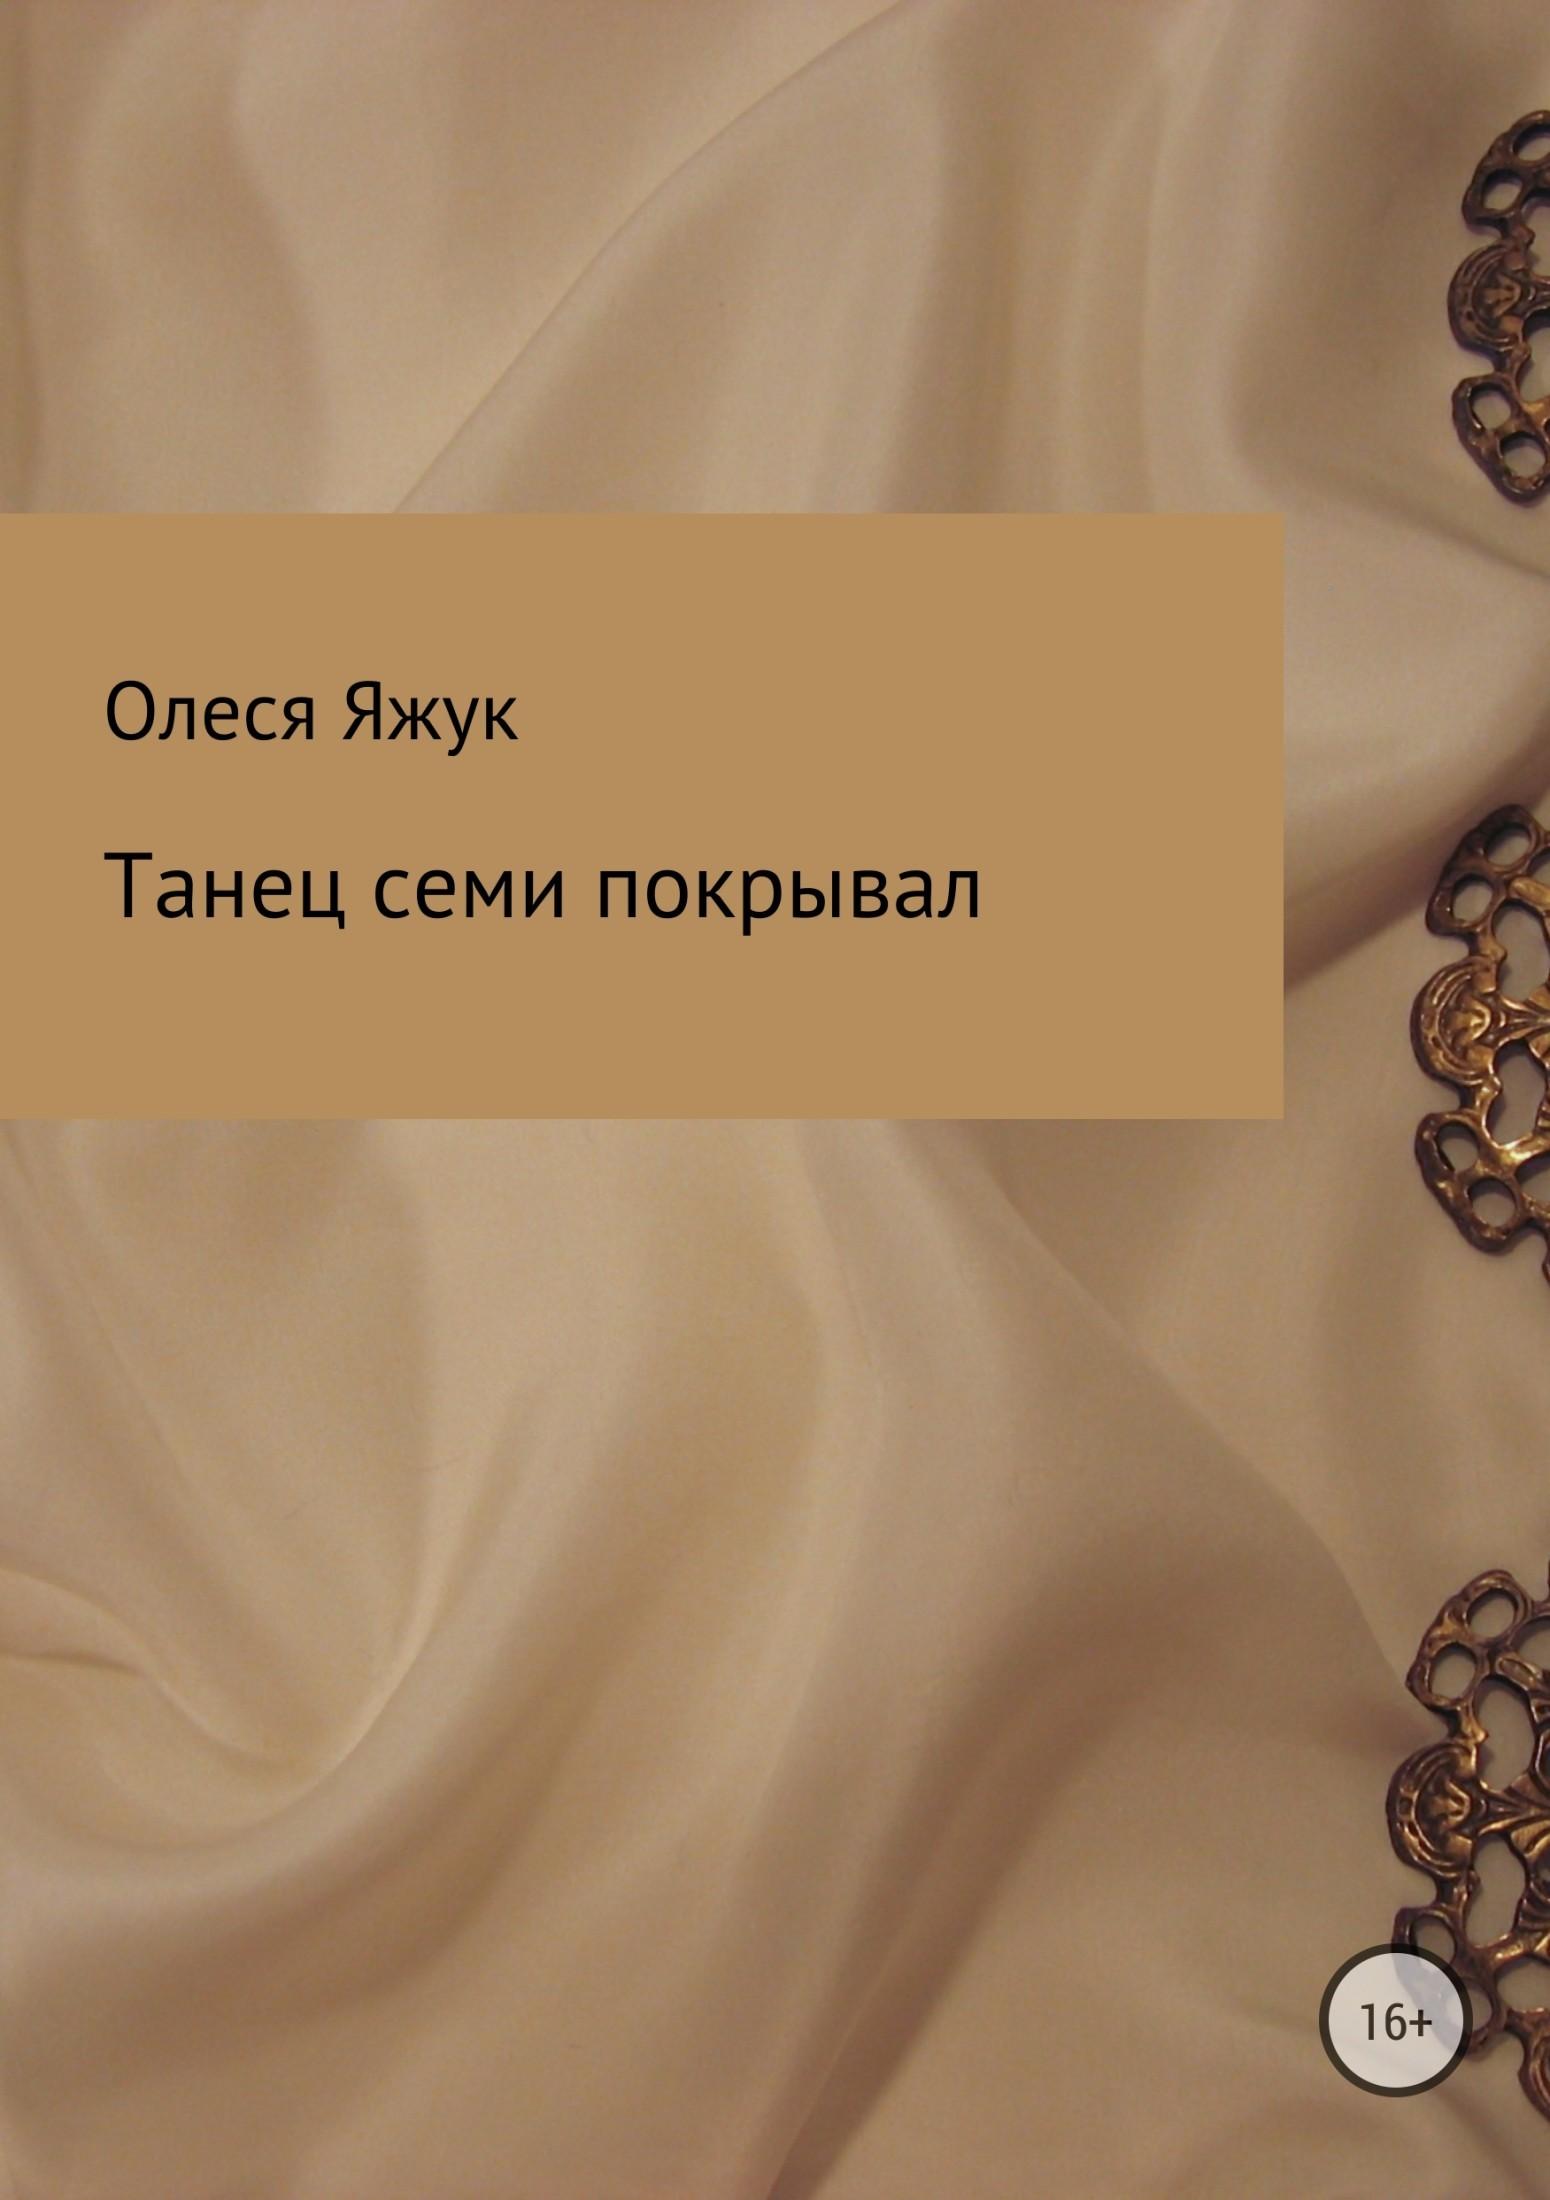 Олеся Константиновна Яжук Танец семи покрывал карих в саломея танец для царя ирода